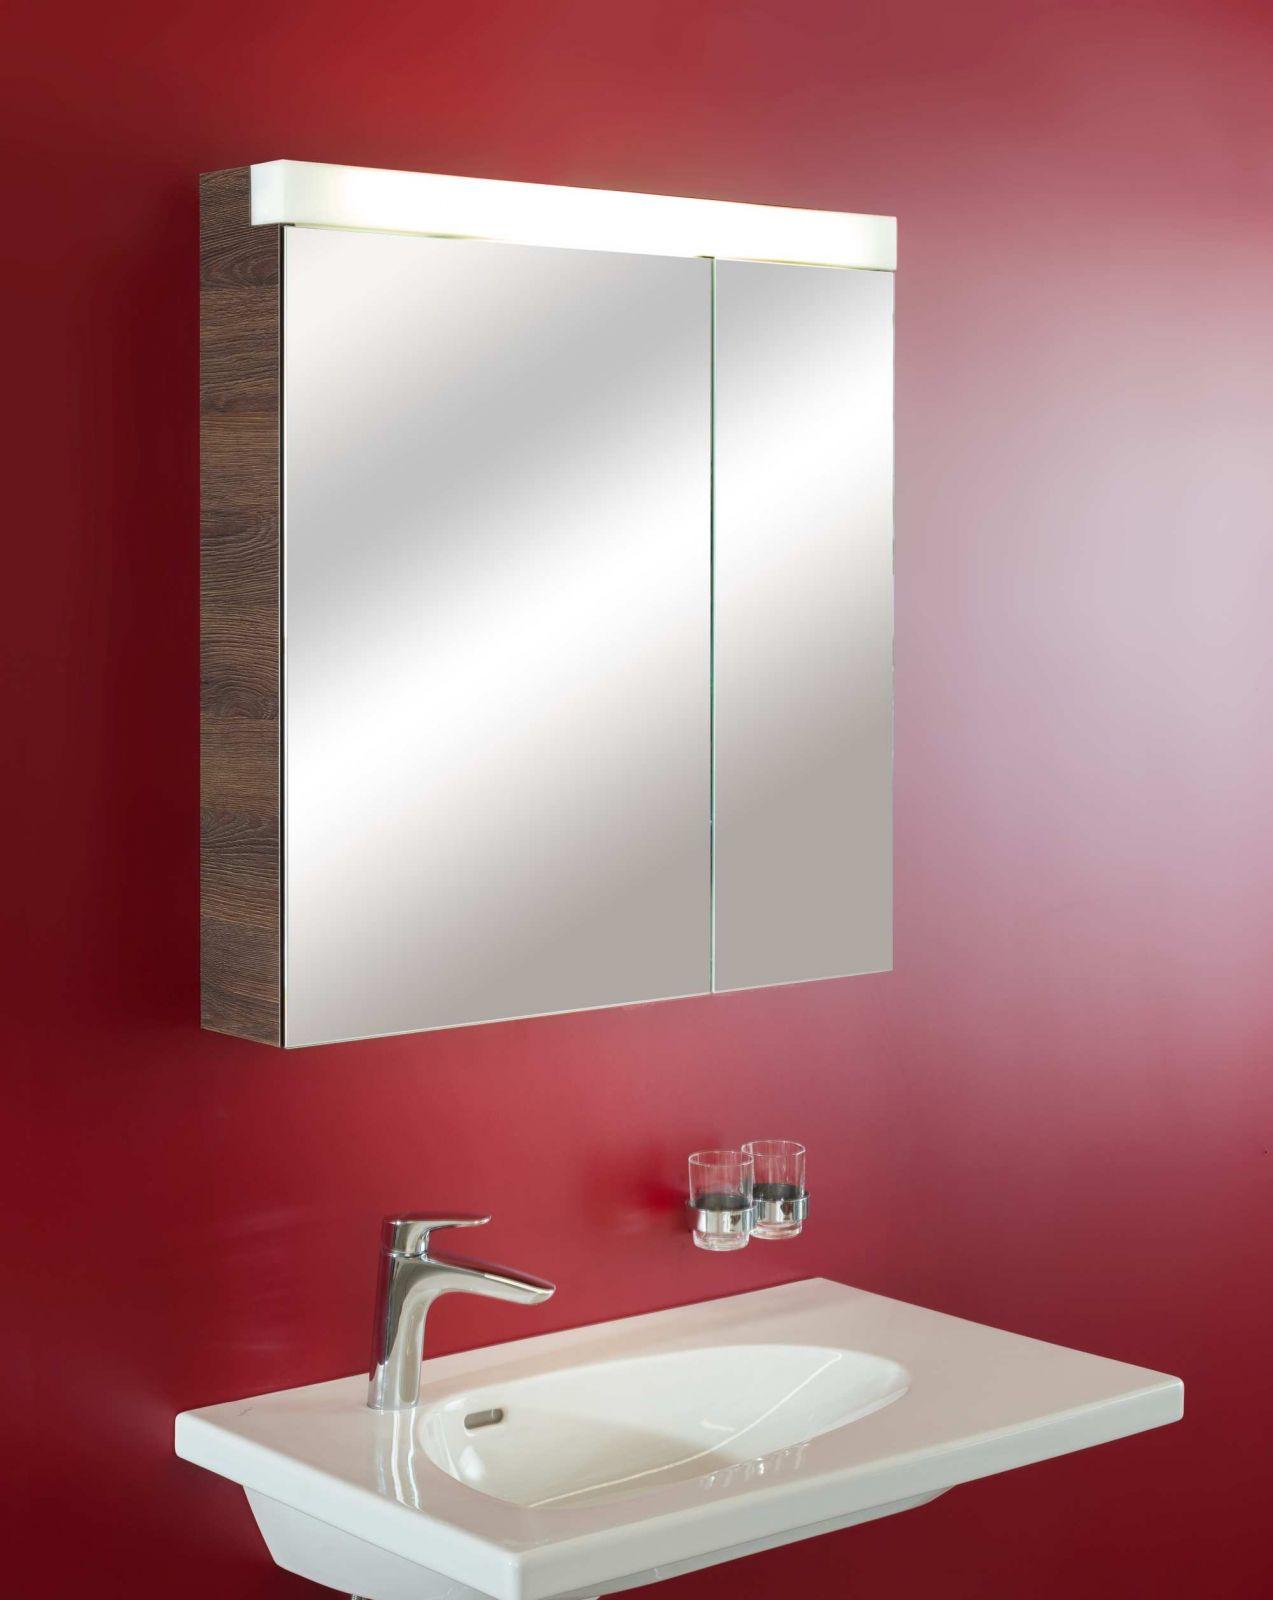 spiegelschr nke aflora badm bel von froidevaux f r ihr bad. Black Bedroom Furniture Sets. Home Design Ideas